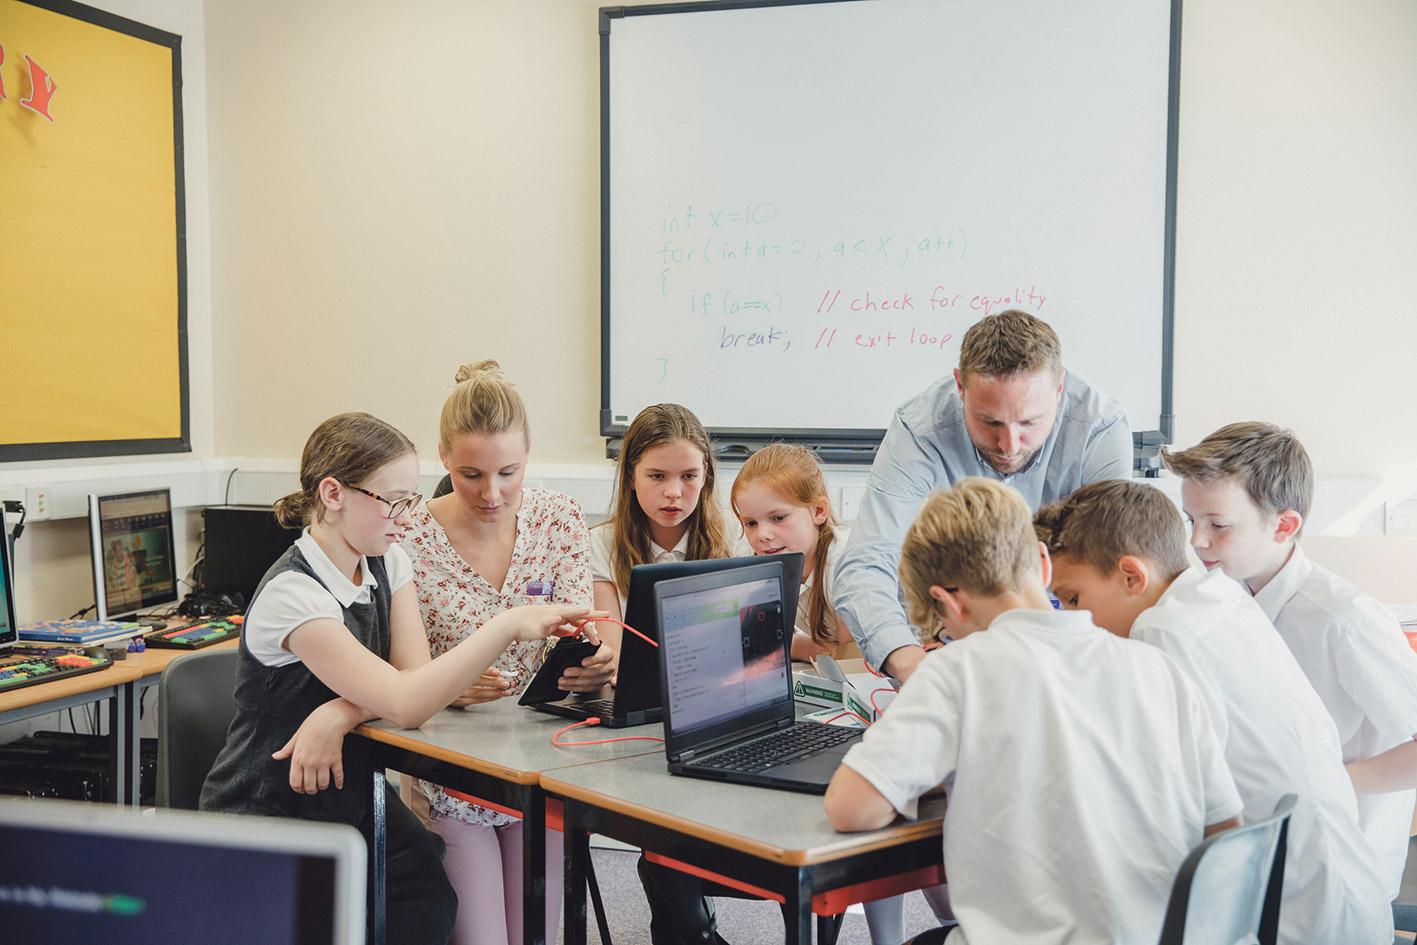 Eine Gruppe von Schülern arbeitet an Laptops.